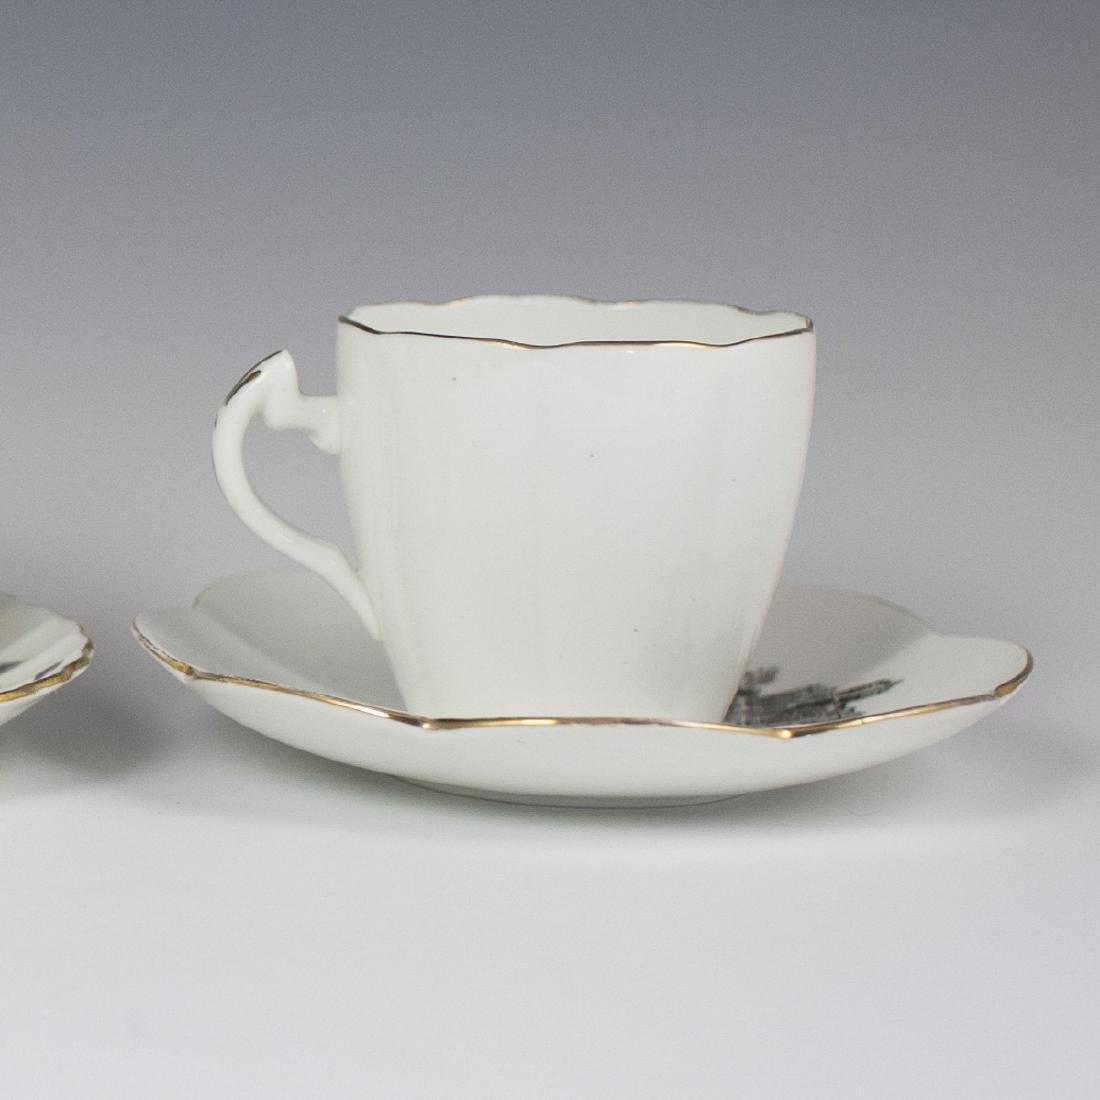 Vintage Porcelain Tea Cups - 6